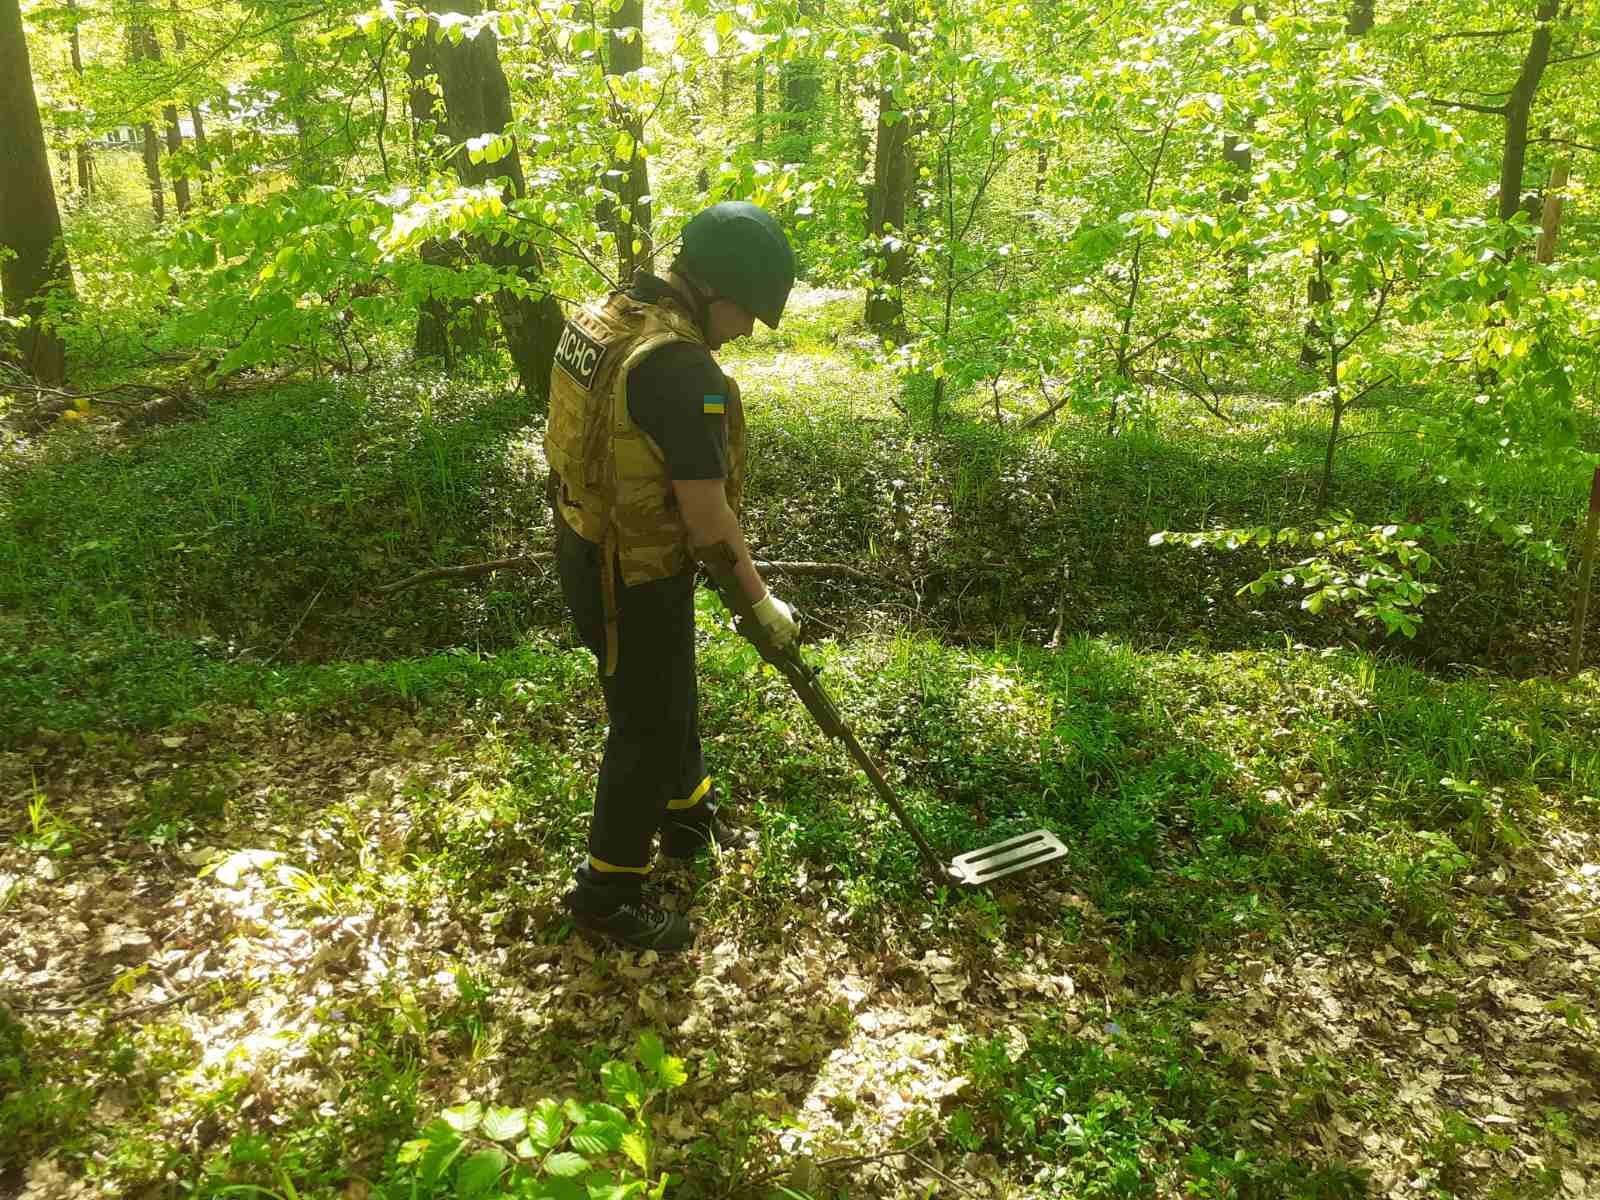 Гуляв у лісі та знайшов… боєприпаси.